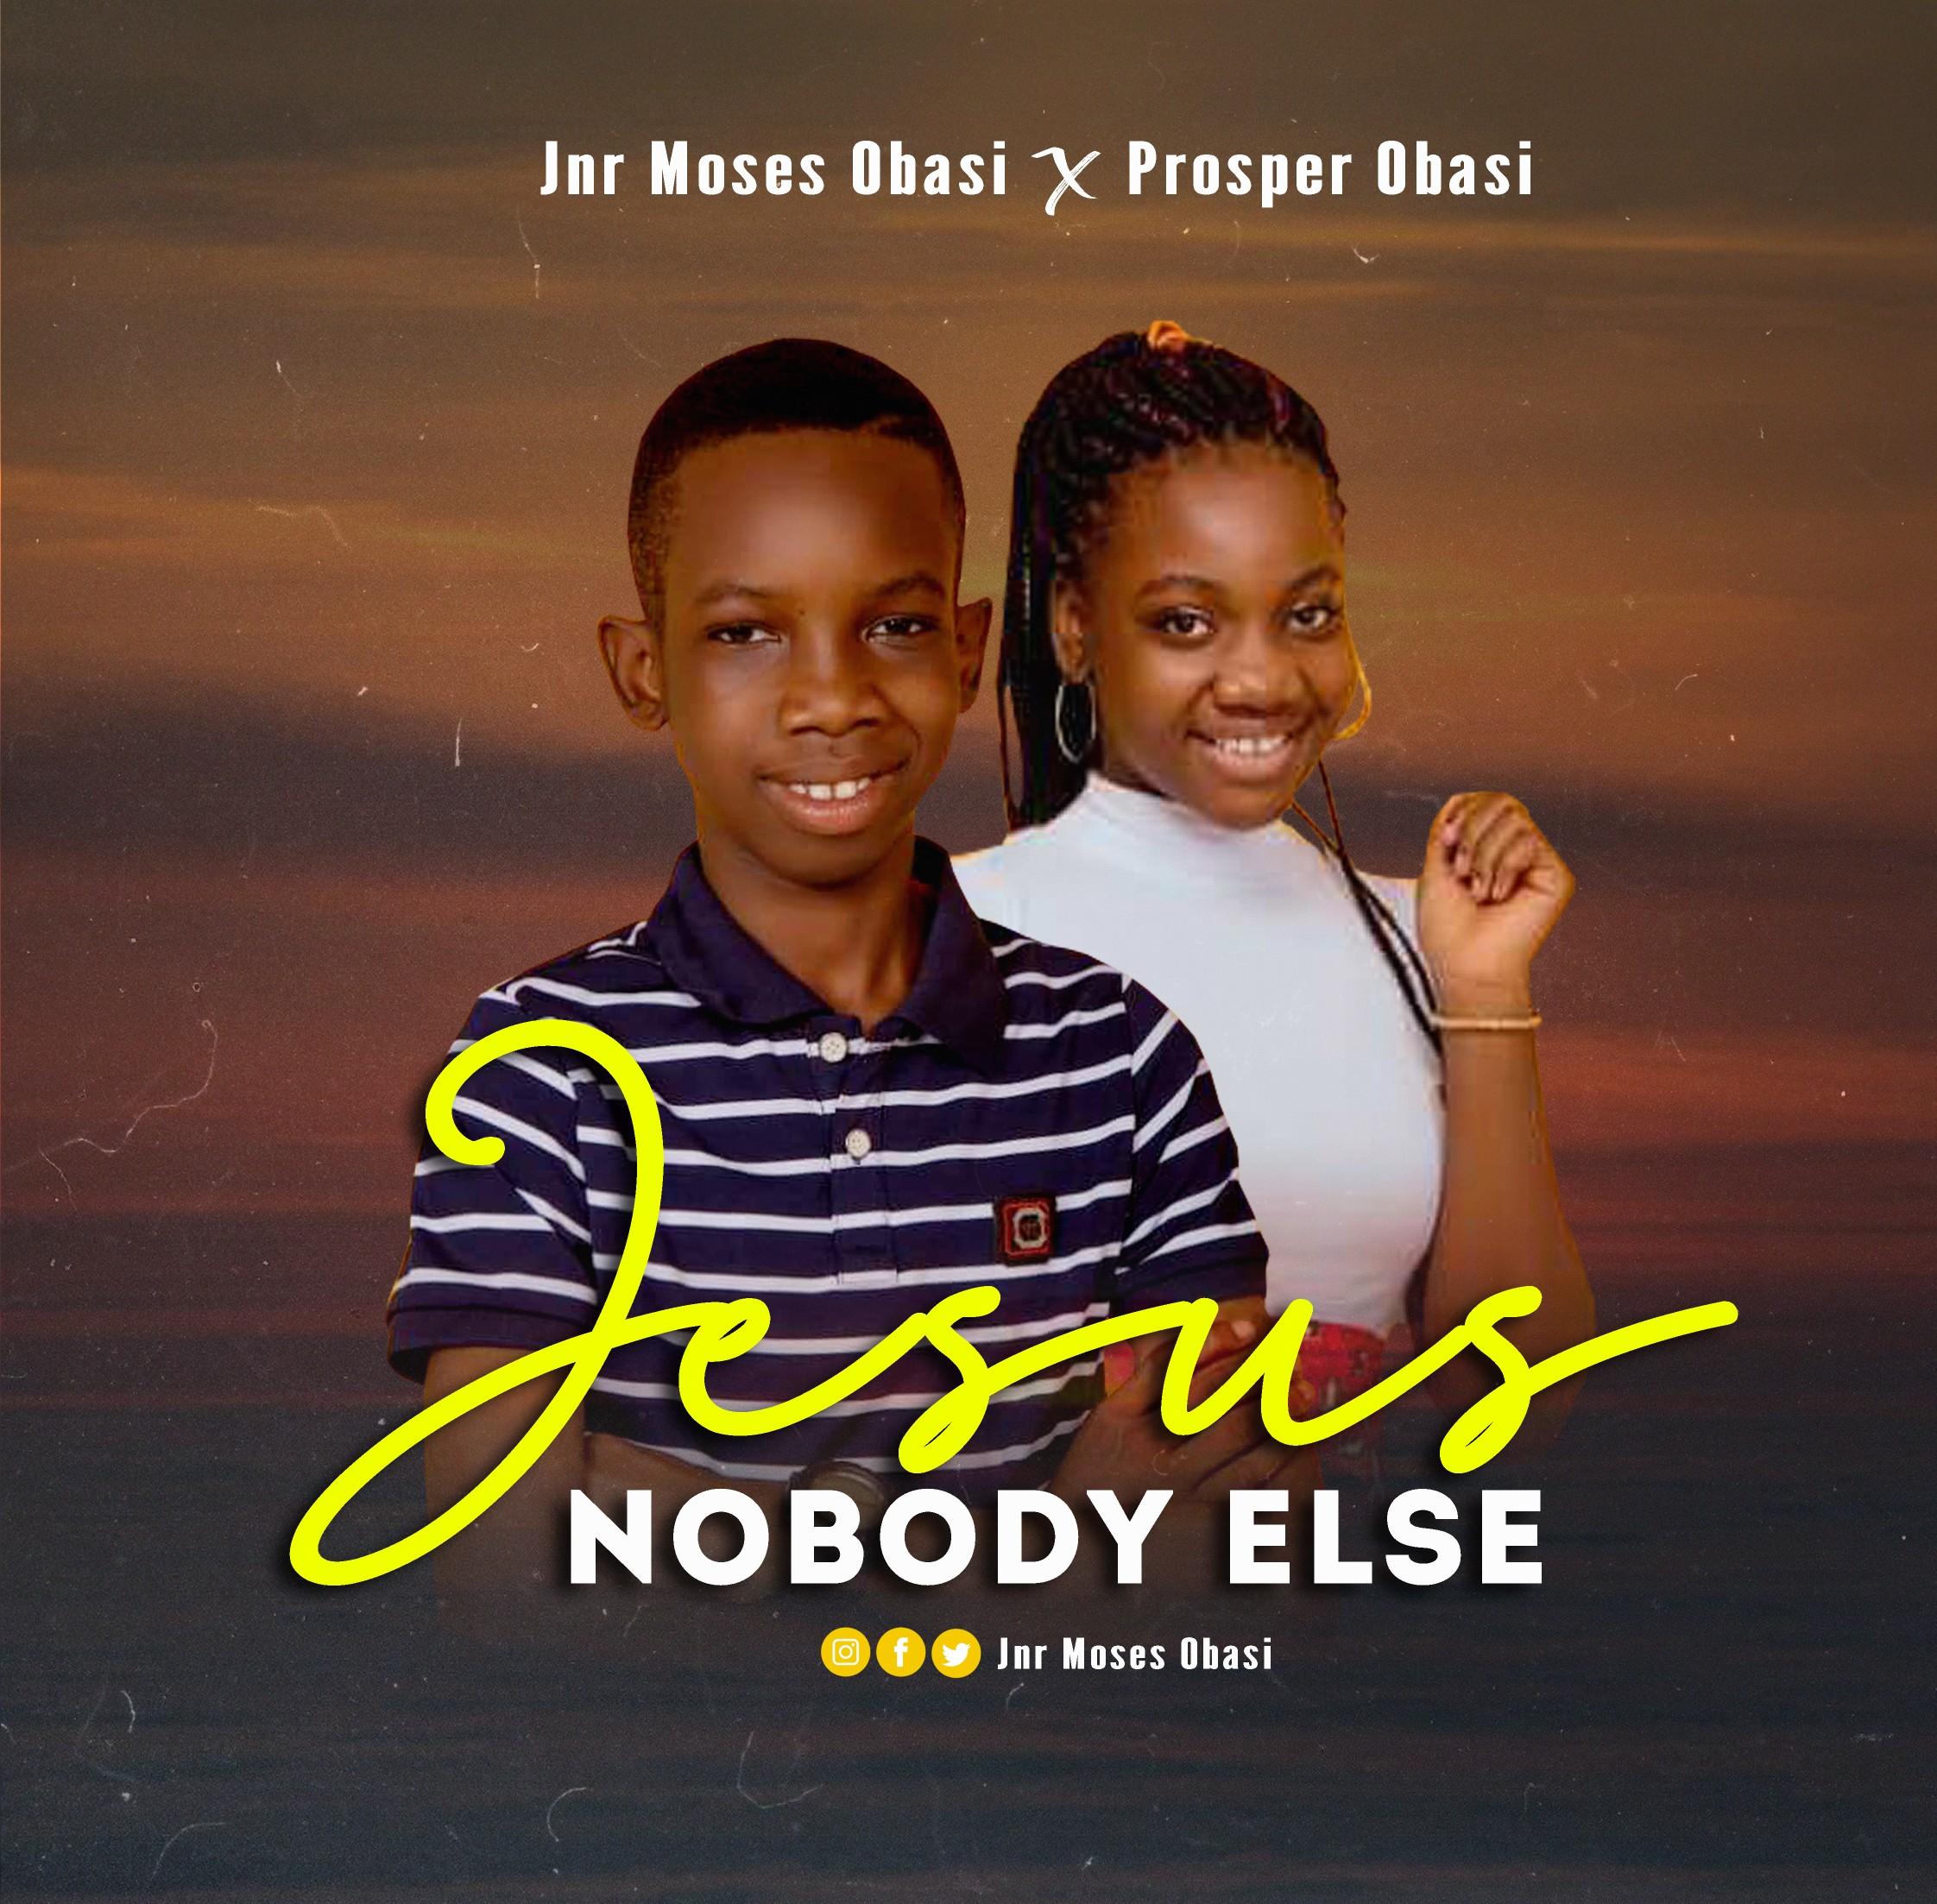 Jnr. Moses Obasi – Jesus Nobody Else (ft. Prosper Obasi)